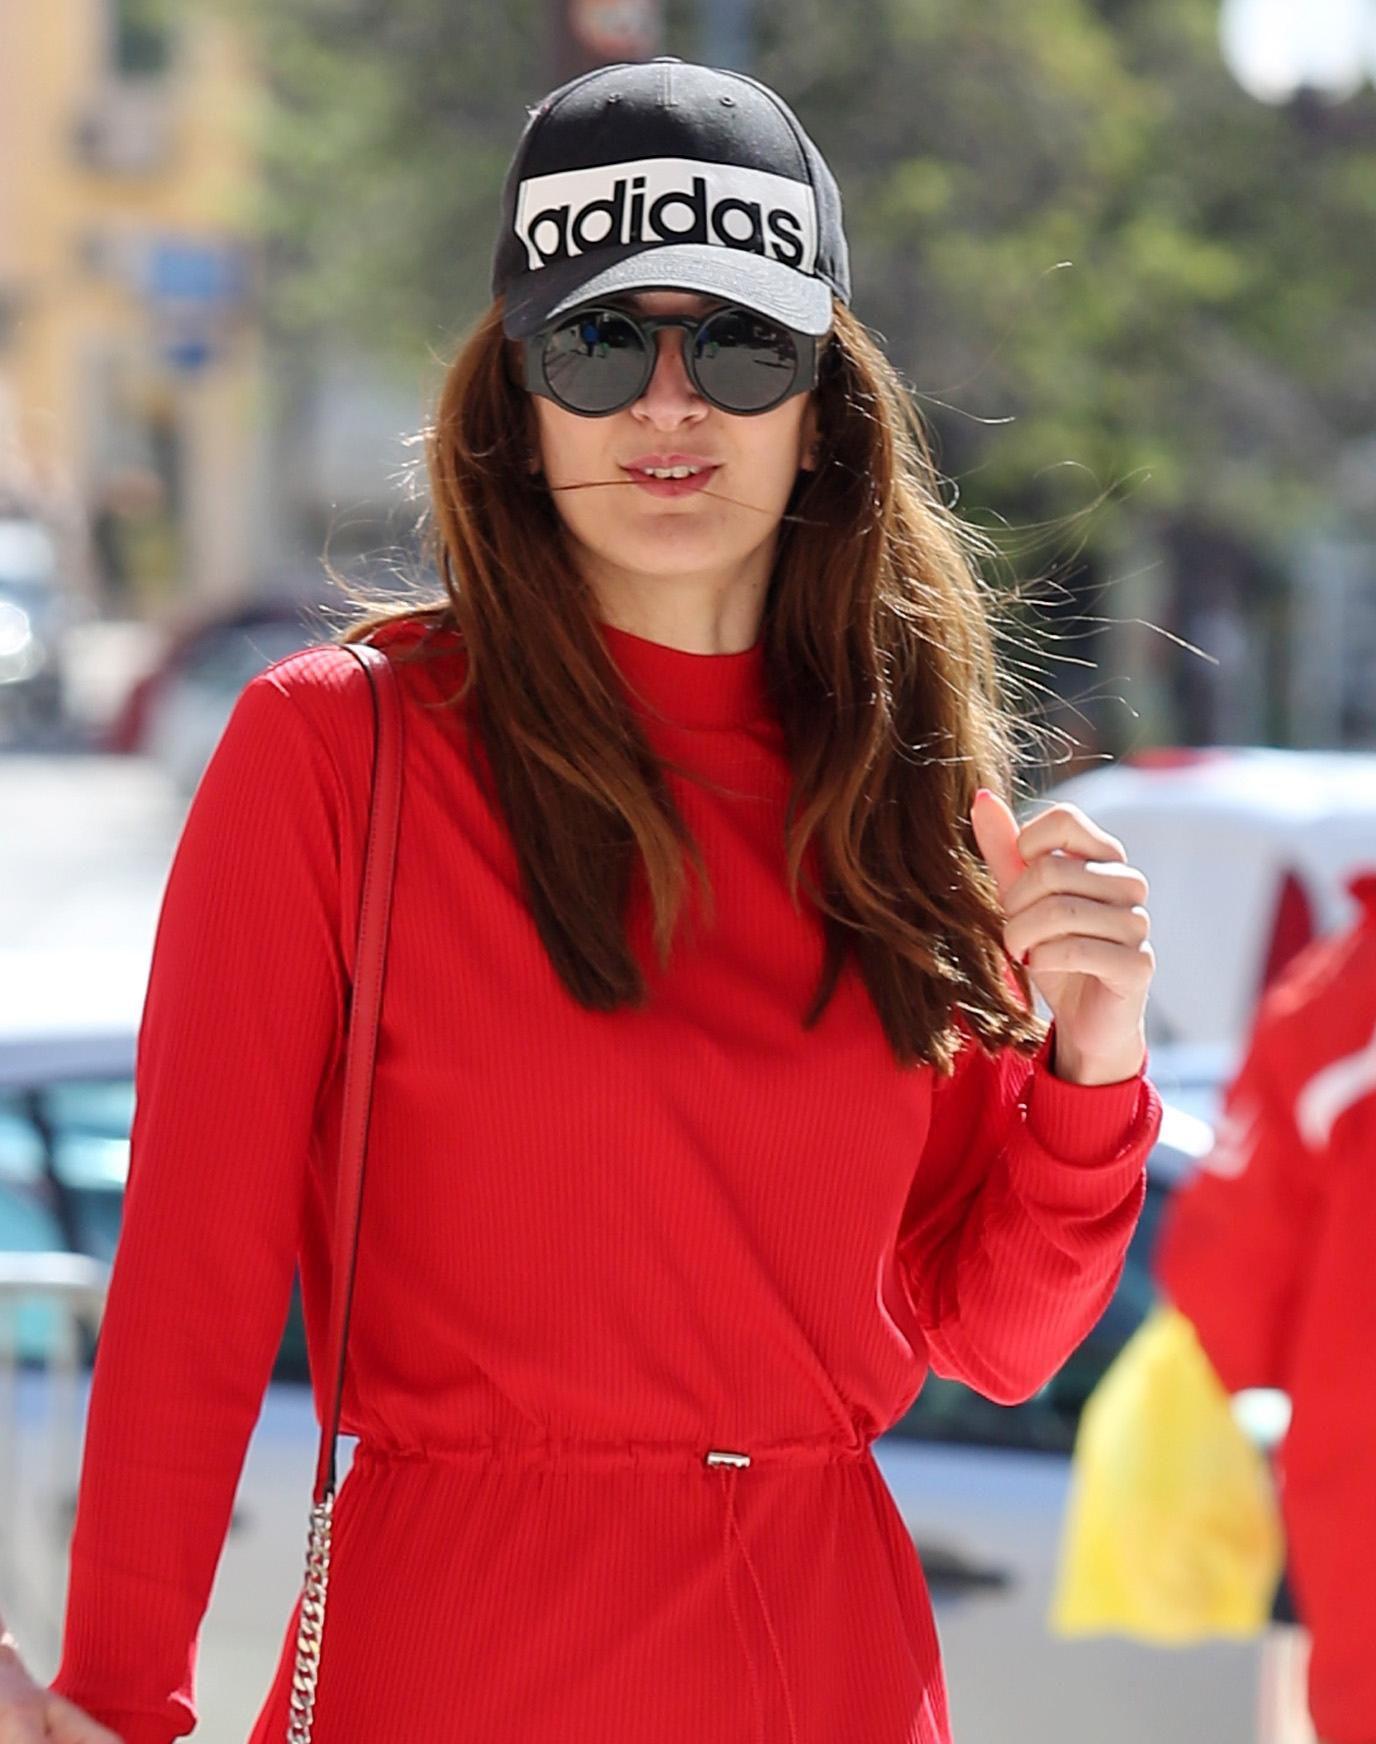 Ljepotica u vatrenoj crvenoj haljini ukrala poglede na šibenskim ulicama